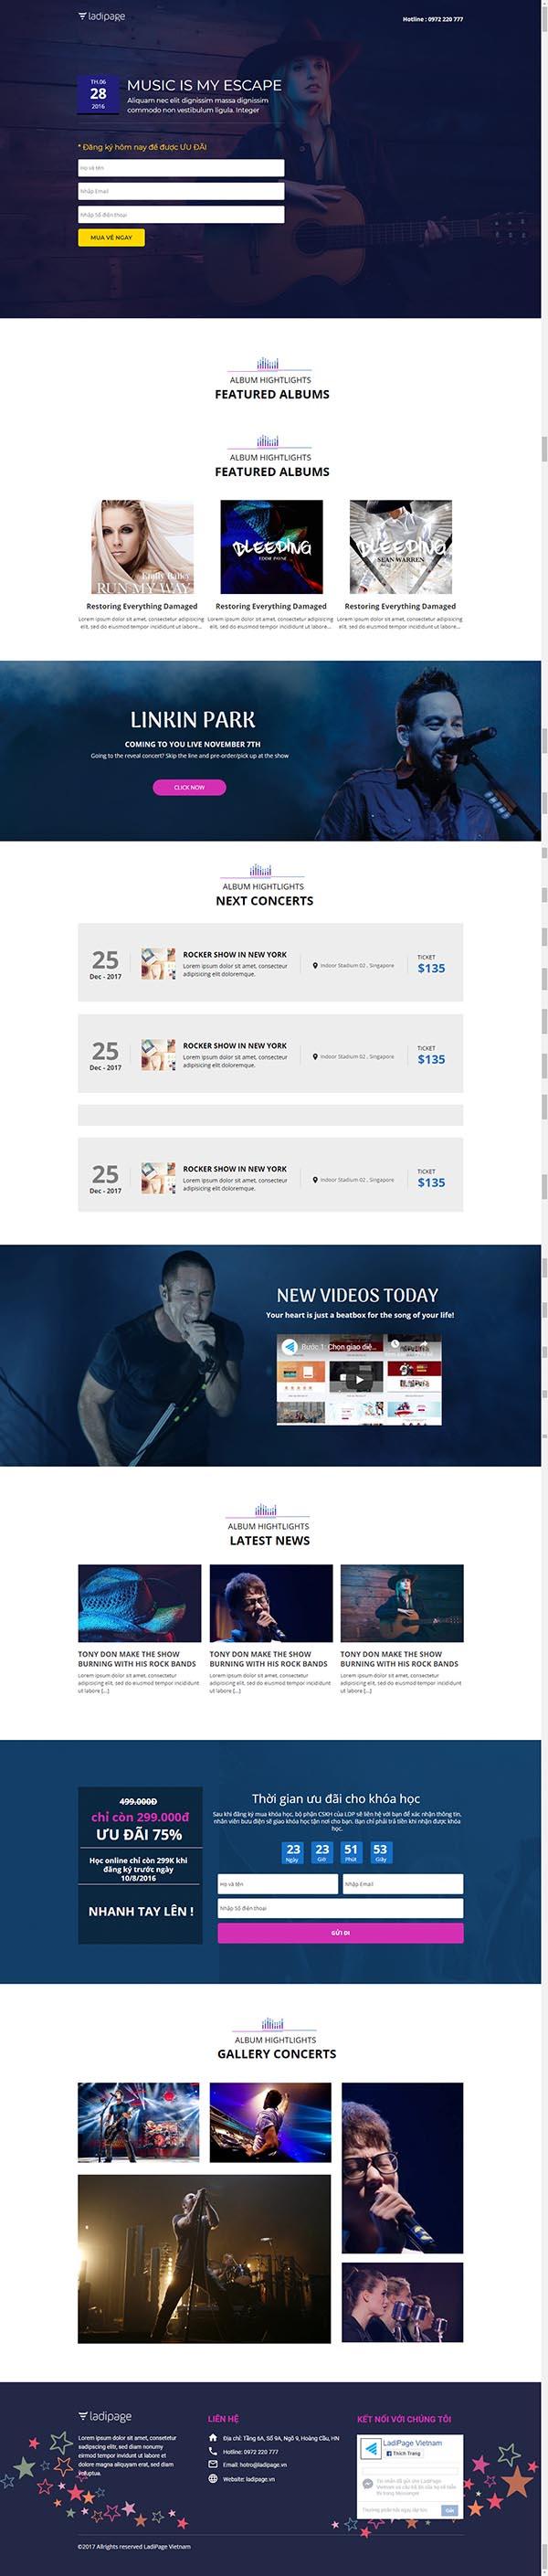 Thiết kế Mẫu website Landing Page 03